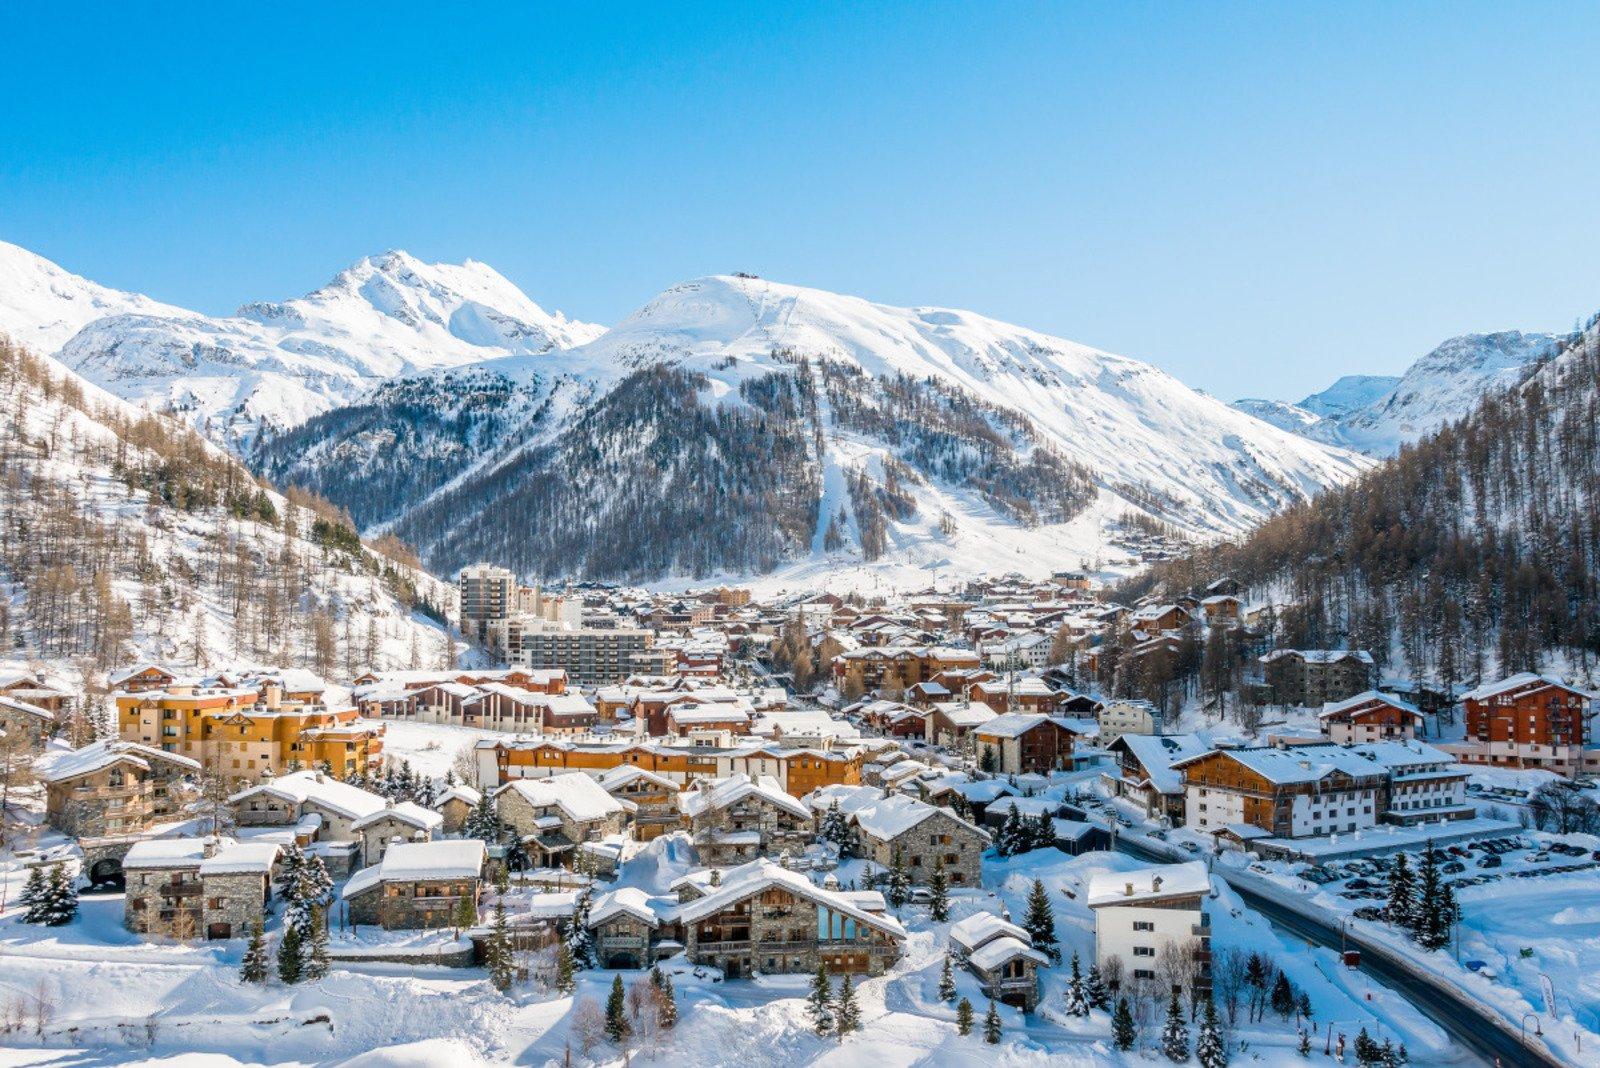 Le village de Val d'Isère surplombé par le Rocher de Bellevarde.